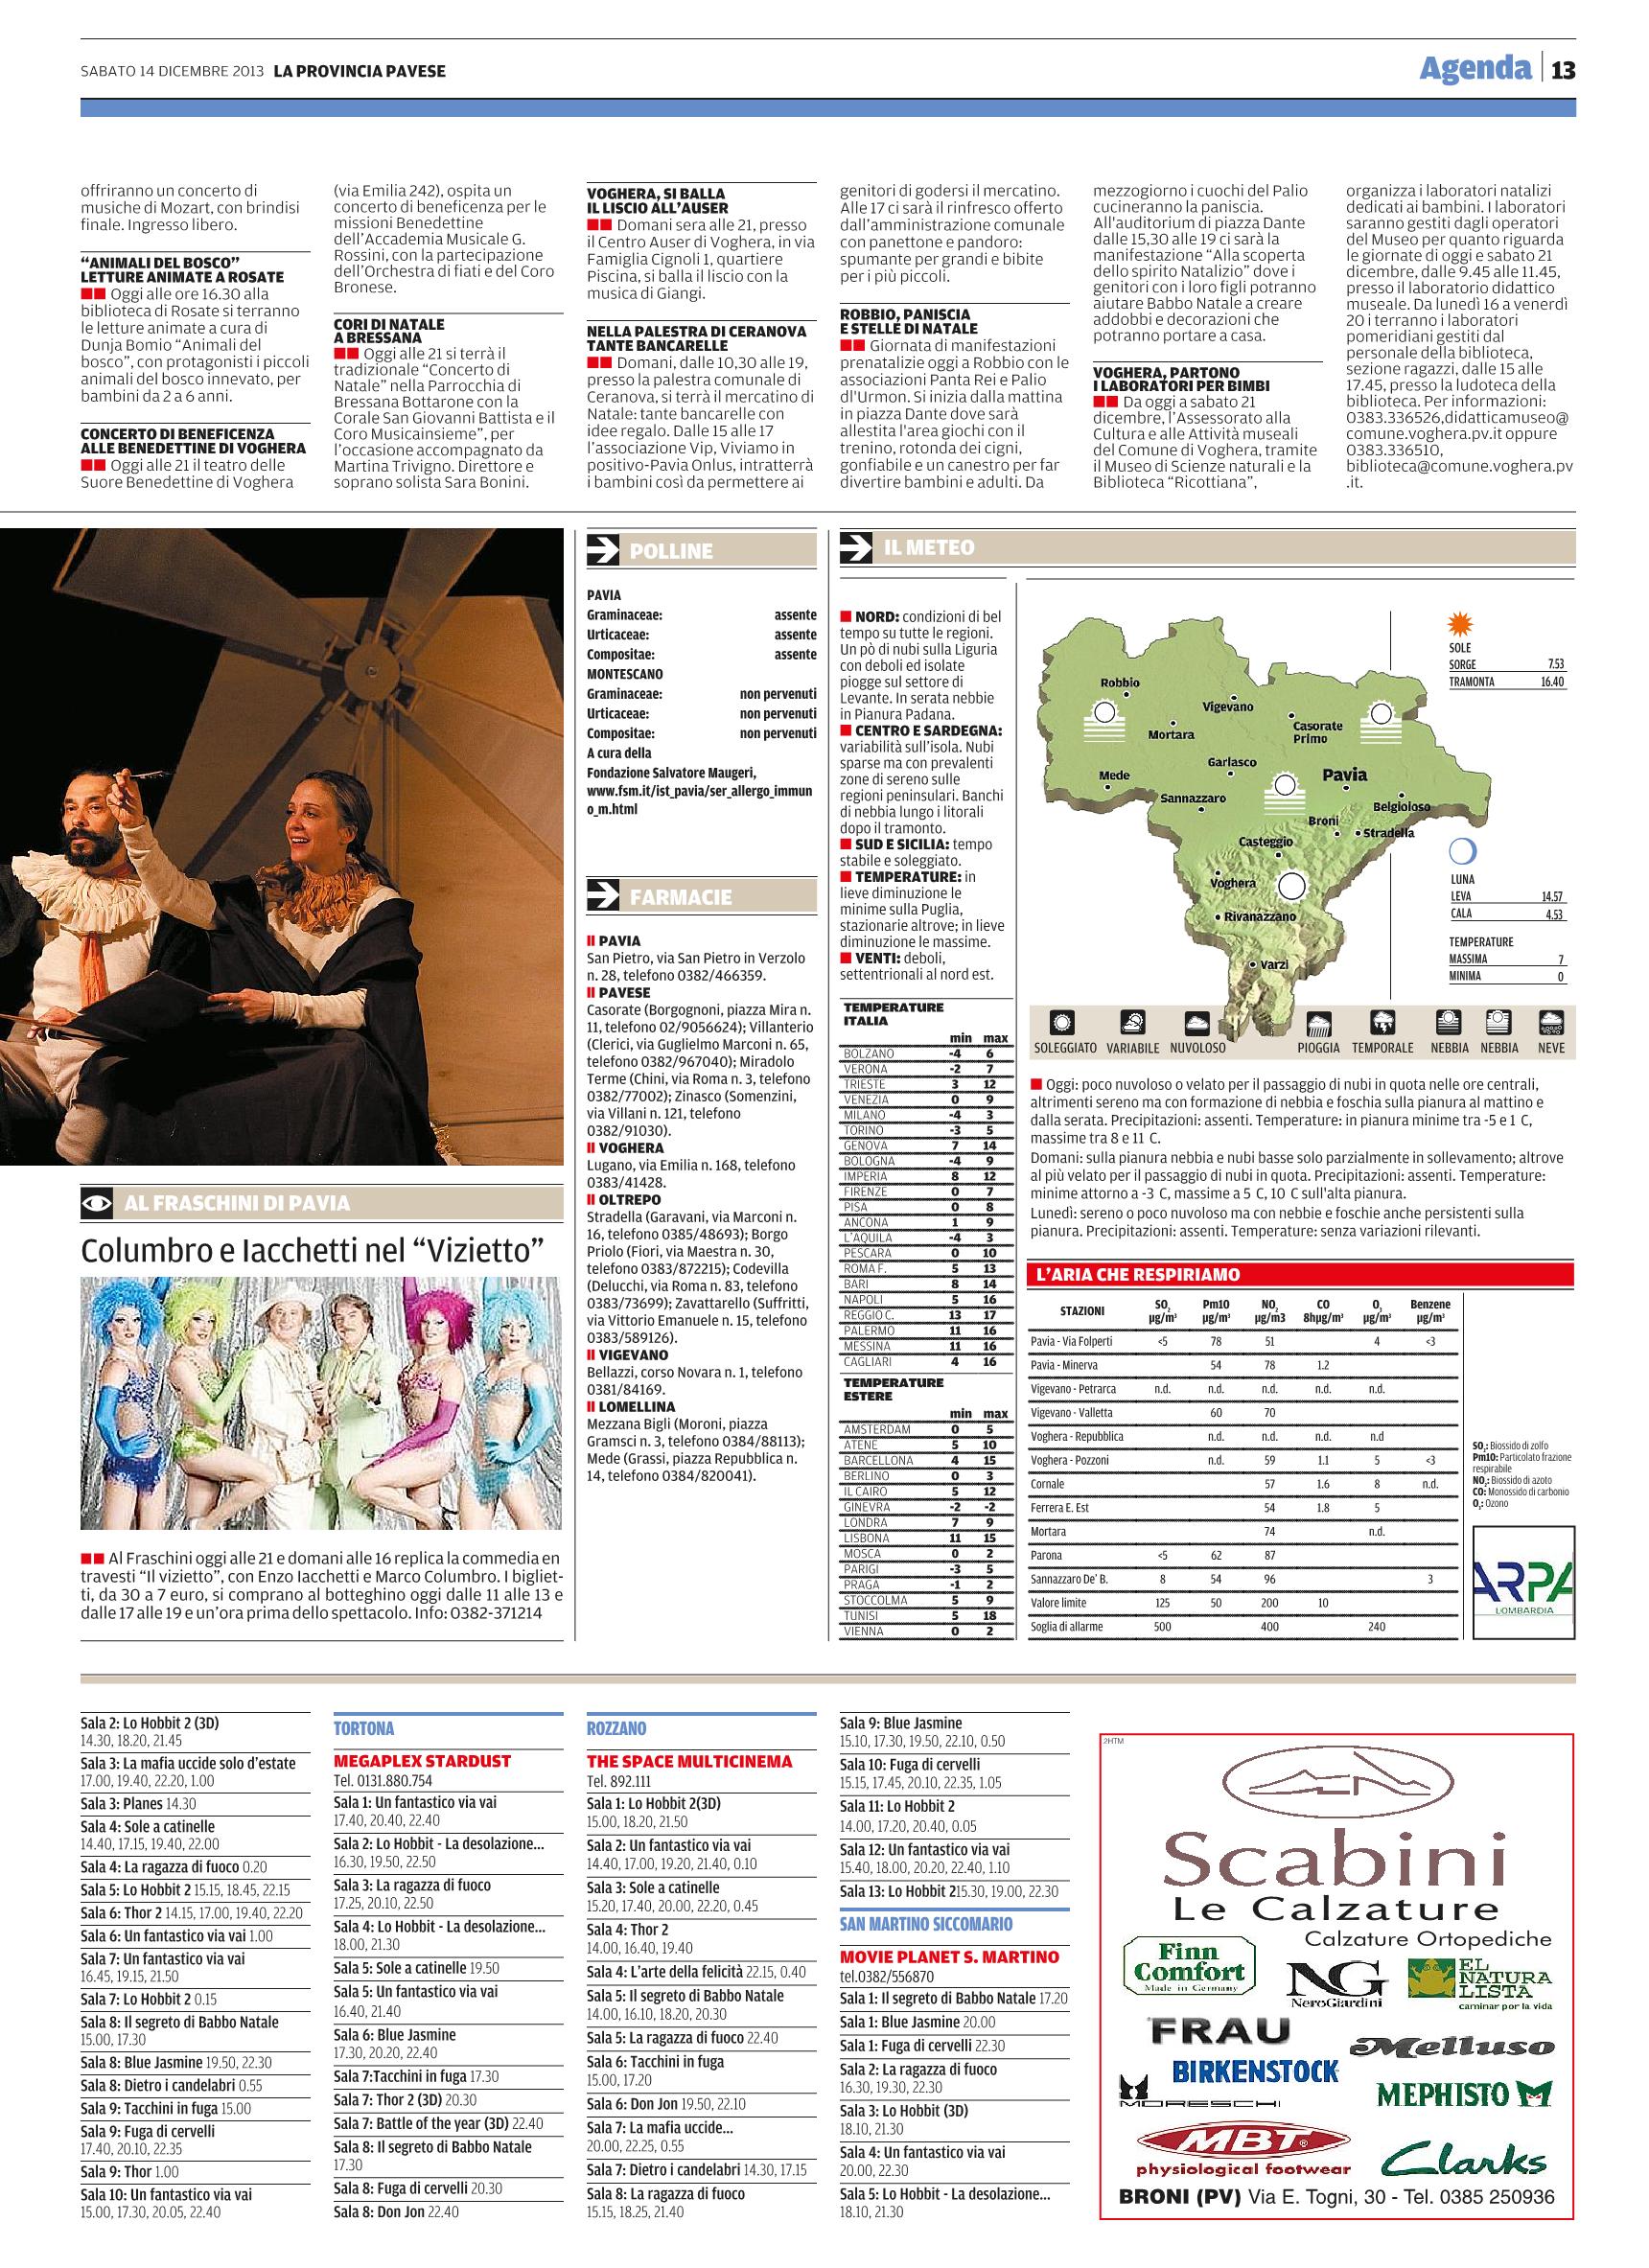 La Provincia Pavese14 Dicembre 2013